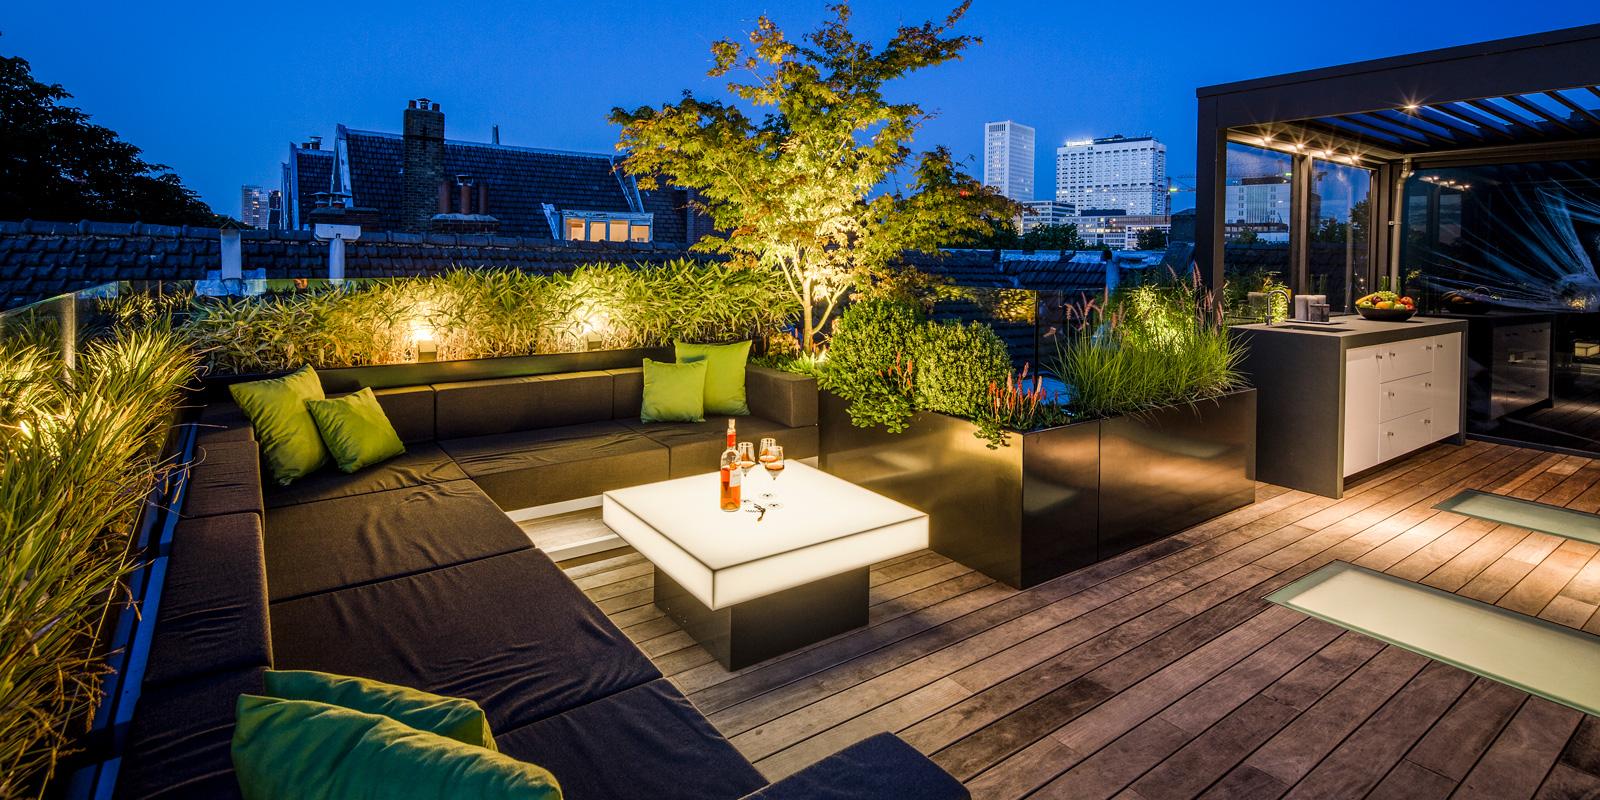 Modern dakterras, Erik van Gelder, Verlichting, Dexter Design, Teo van Horssen, houten vloer, Tablazz